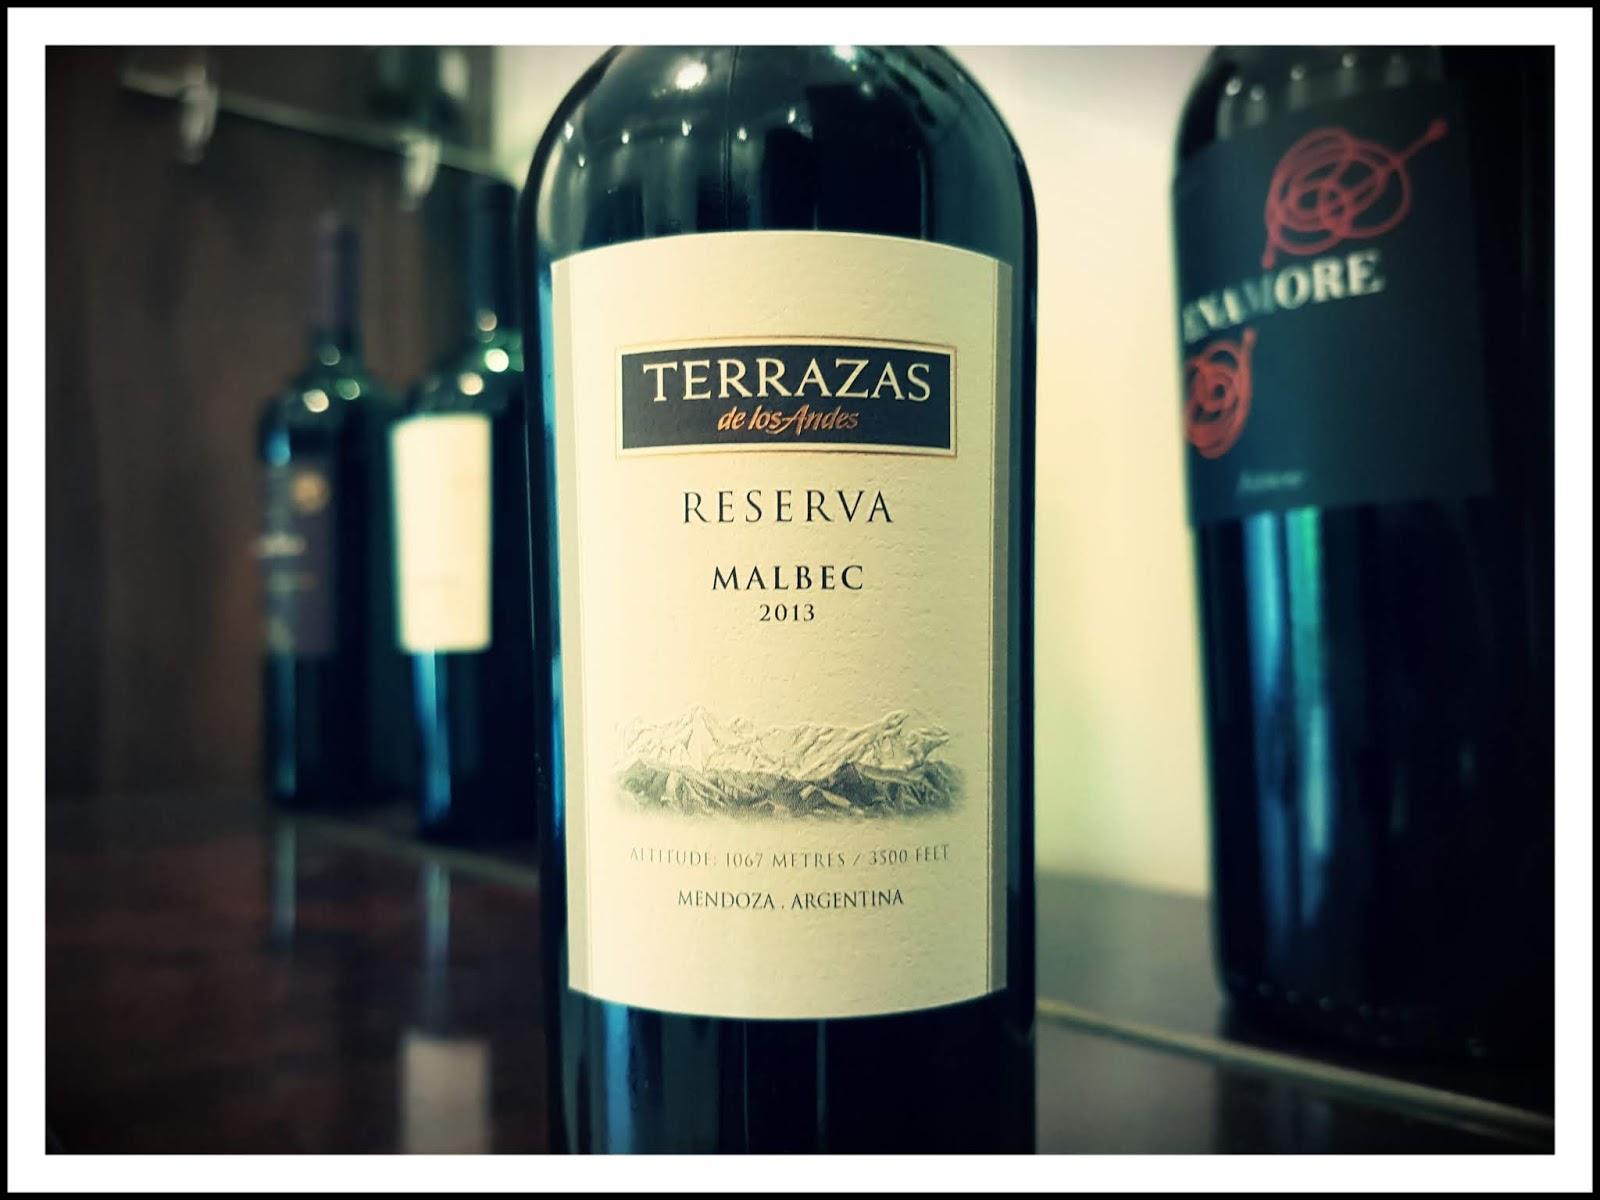 Tudo Vinho Terrazas De Los Andes Reserva Malbec 2013